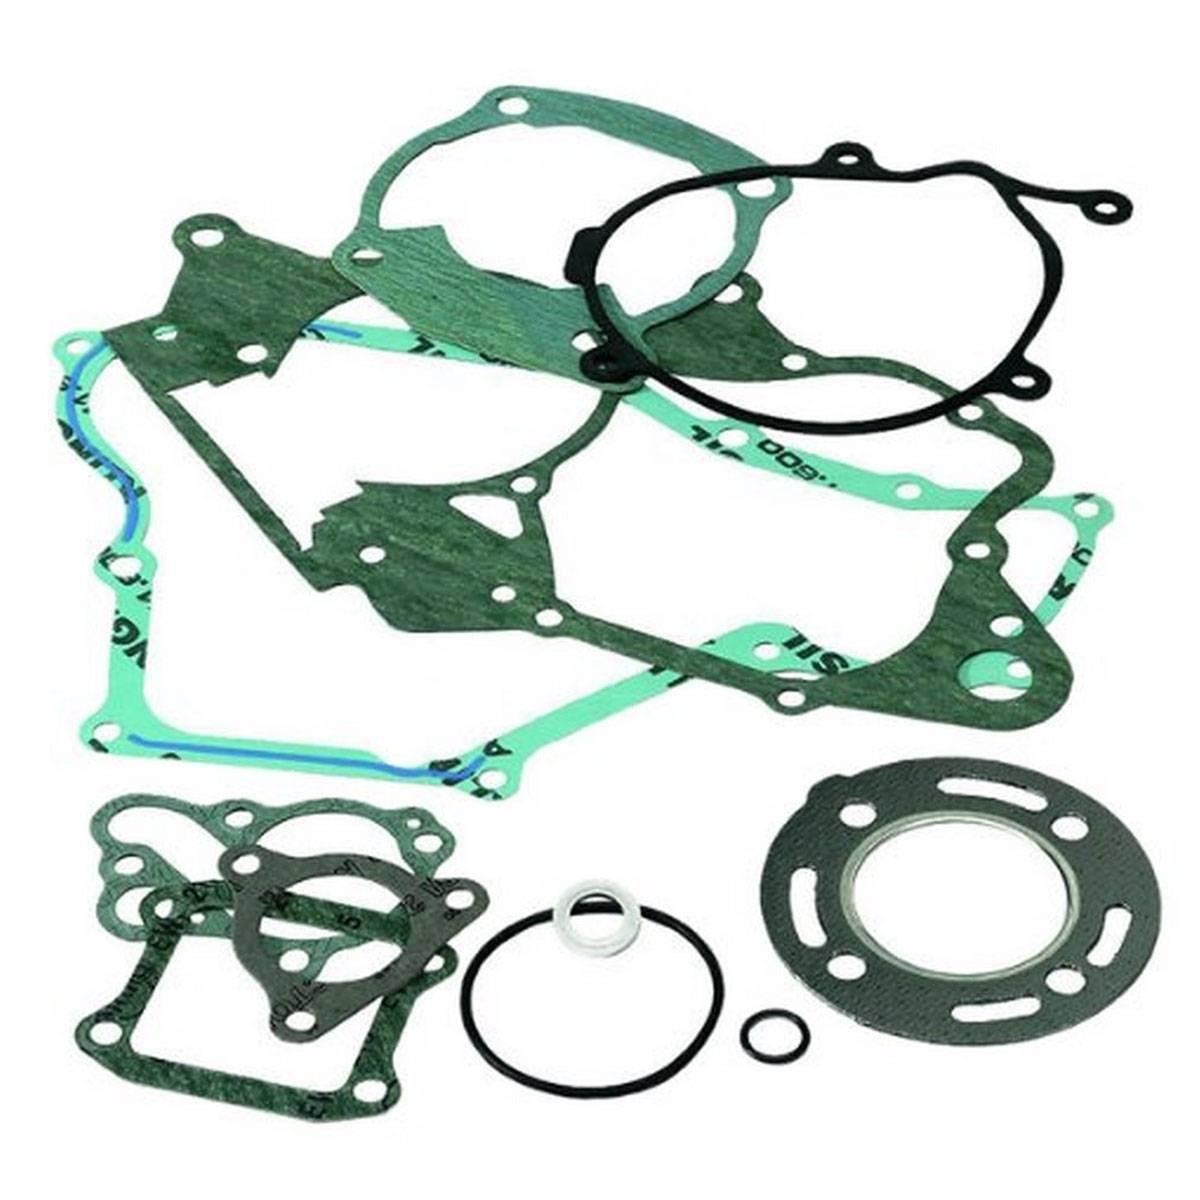 Kit de juntas completo ( Sin retenes ) Athena KAW.KX125 L2-L3 00-02